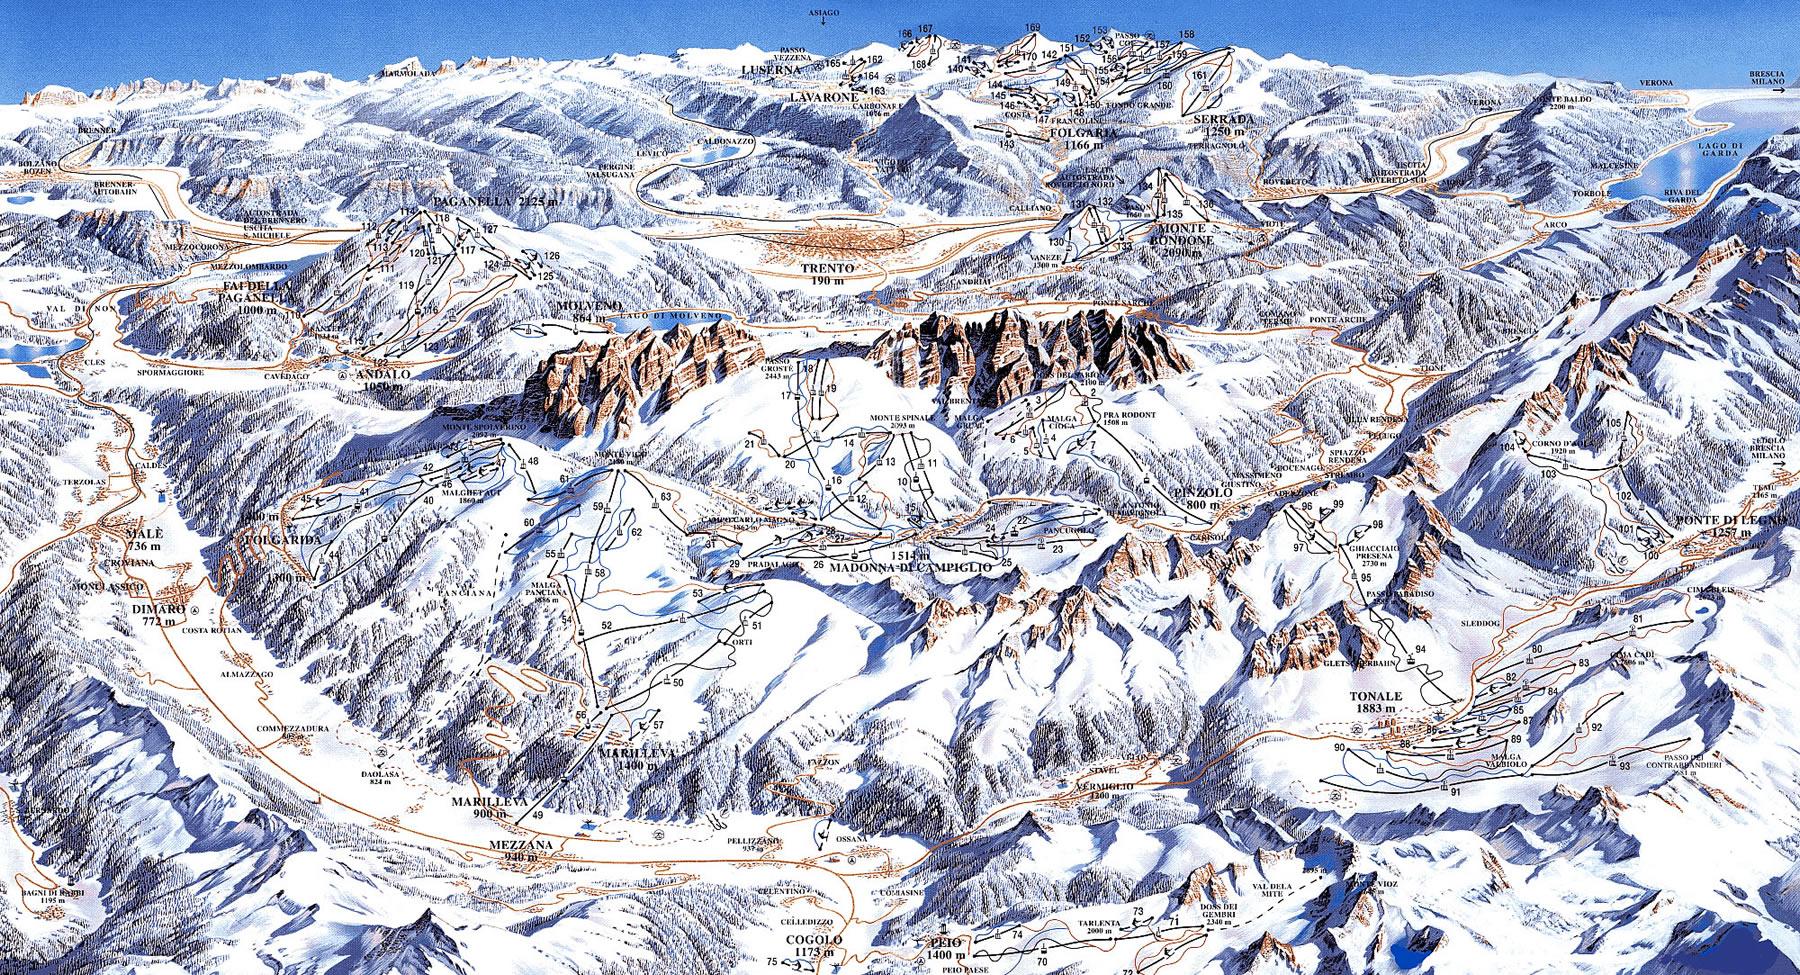 Prezzo Adamello Ski skipass giornaliero 2015